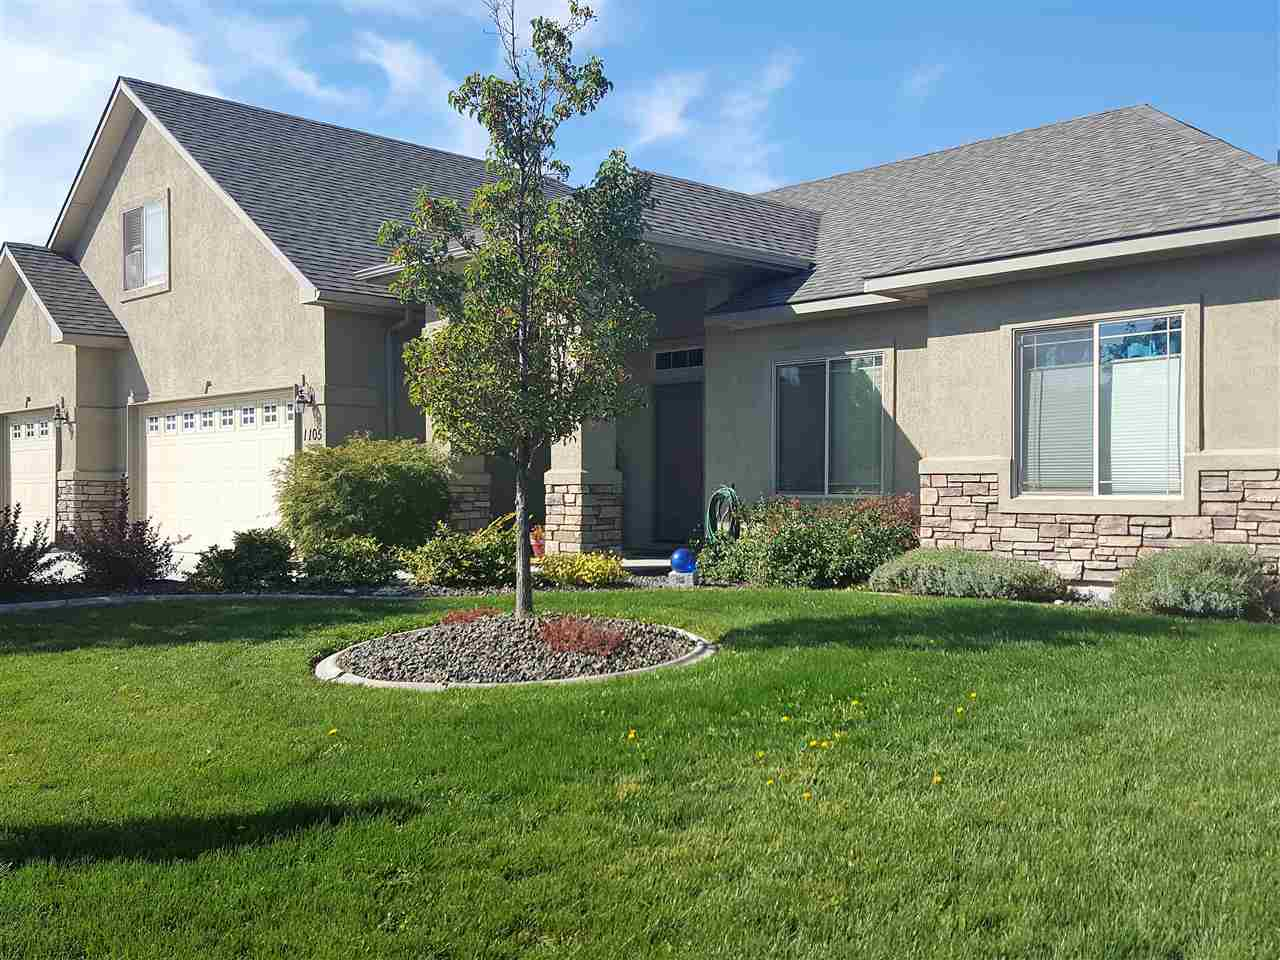 一戸建て のために 売買 アット 1105 Regency, Emmett Emmett, アイダホ, 83617 アメリカ合衆国